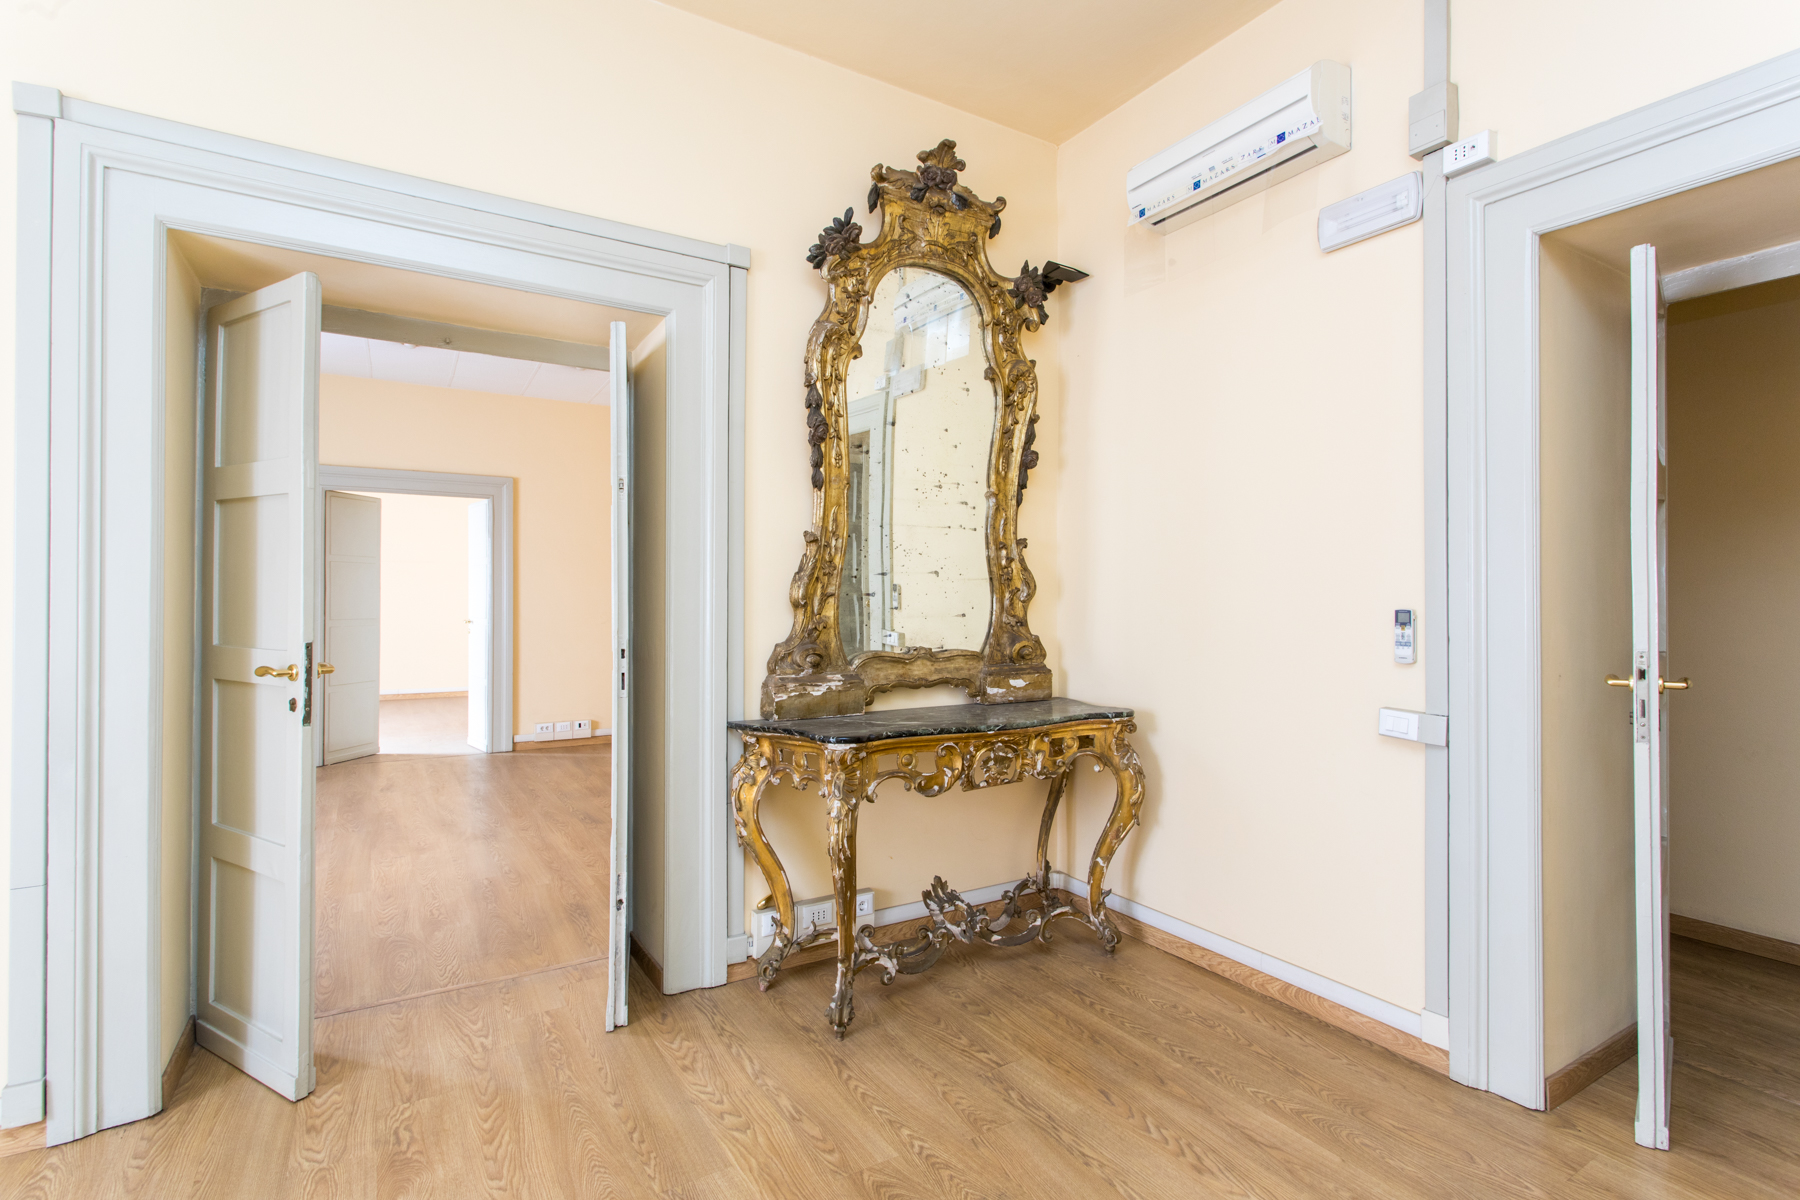 Ufficio In Vendita Roma : Uffici studi in vendita a roma trovocasa